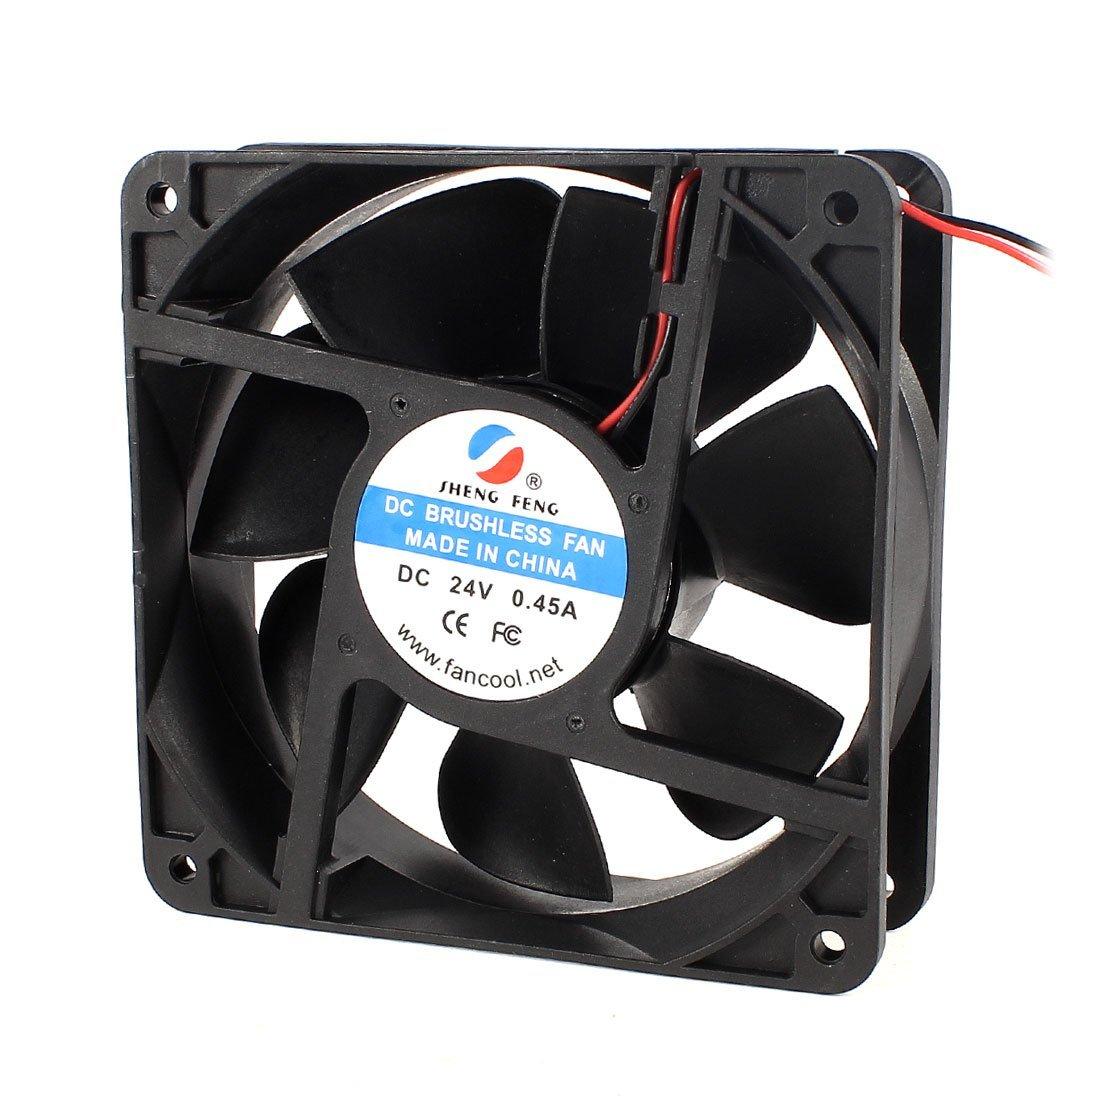 DC 24V 0.45A 120mm ventilador de refrigeración Negro para la caja de la computadora CPU Cooler: Amazon.es: Electrónica